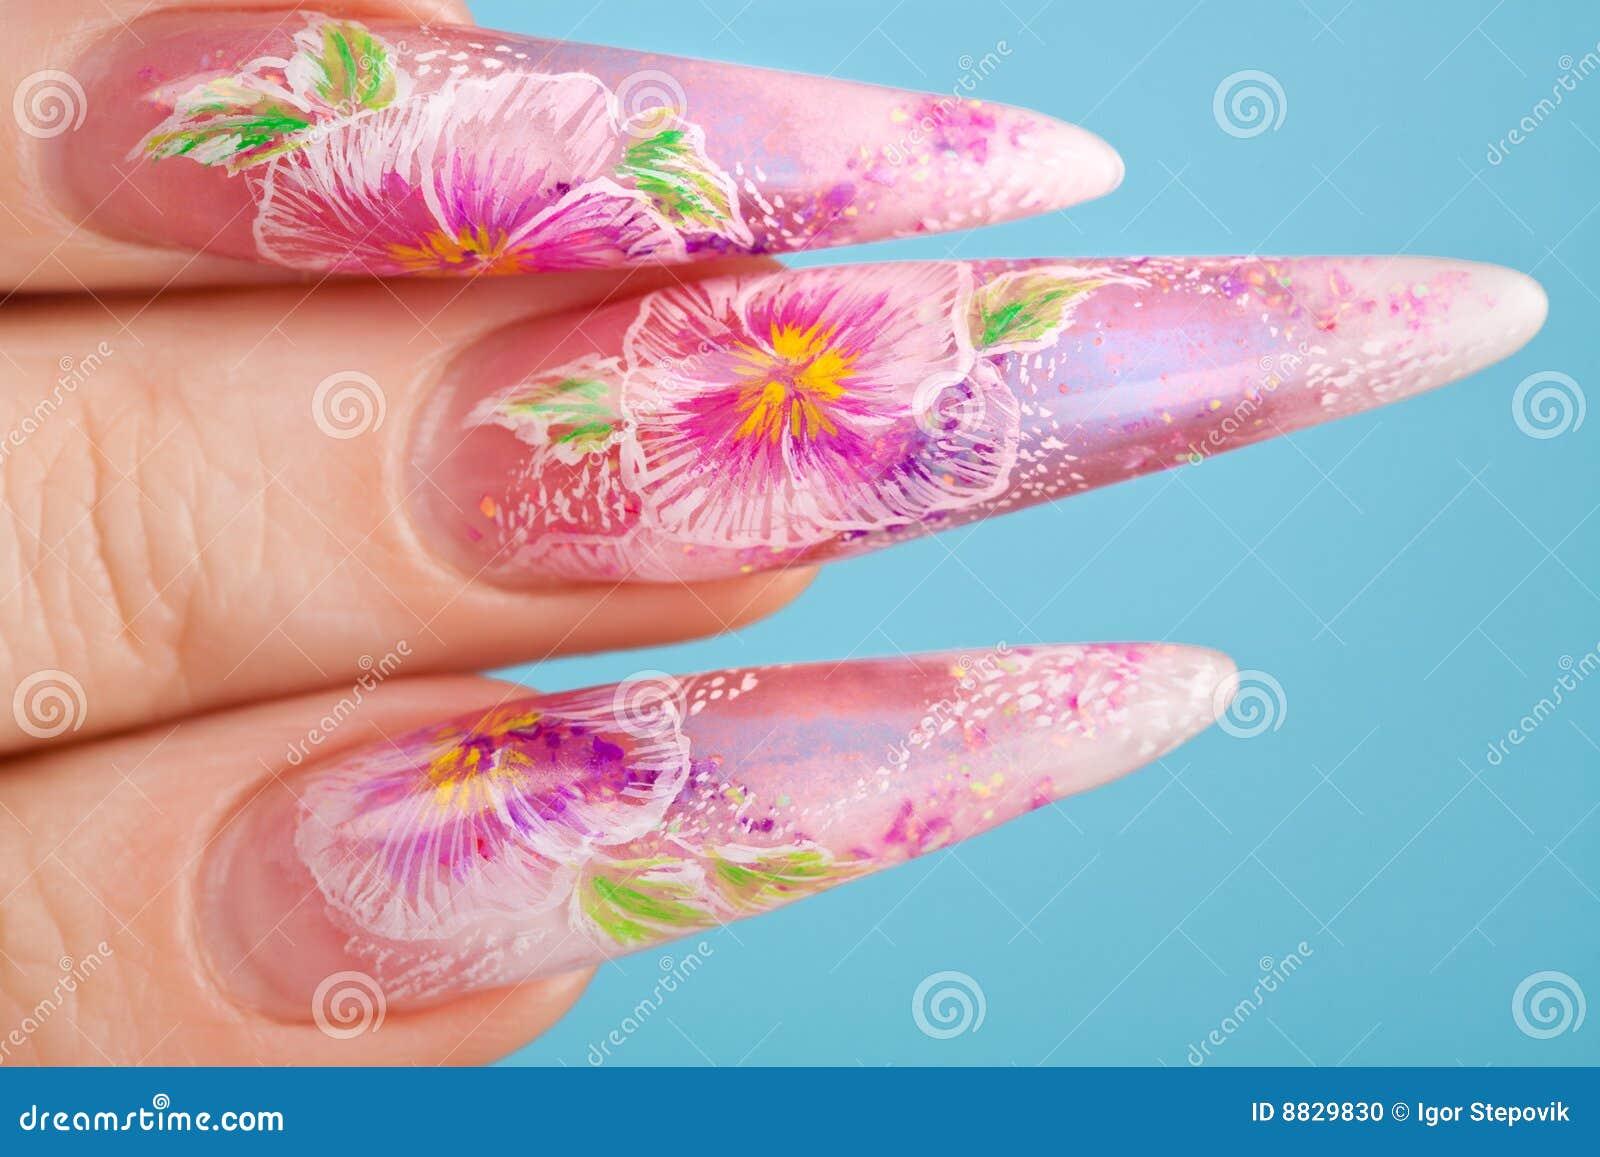 人力美丽的指甲盖的手指